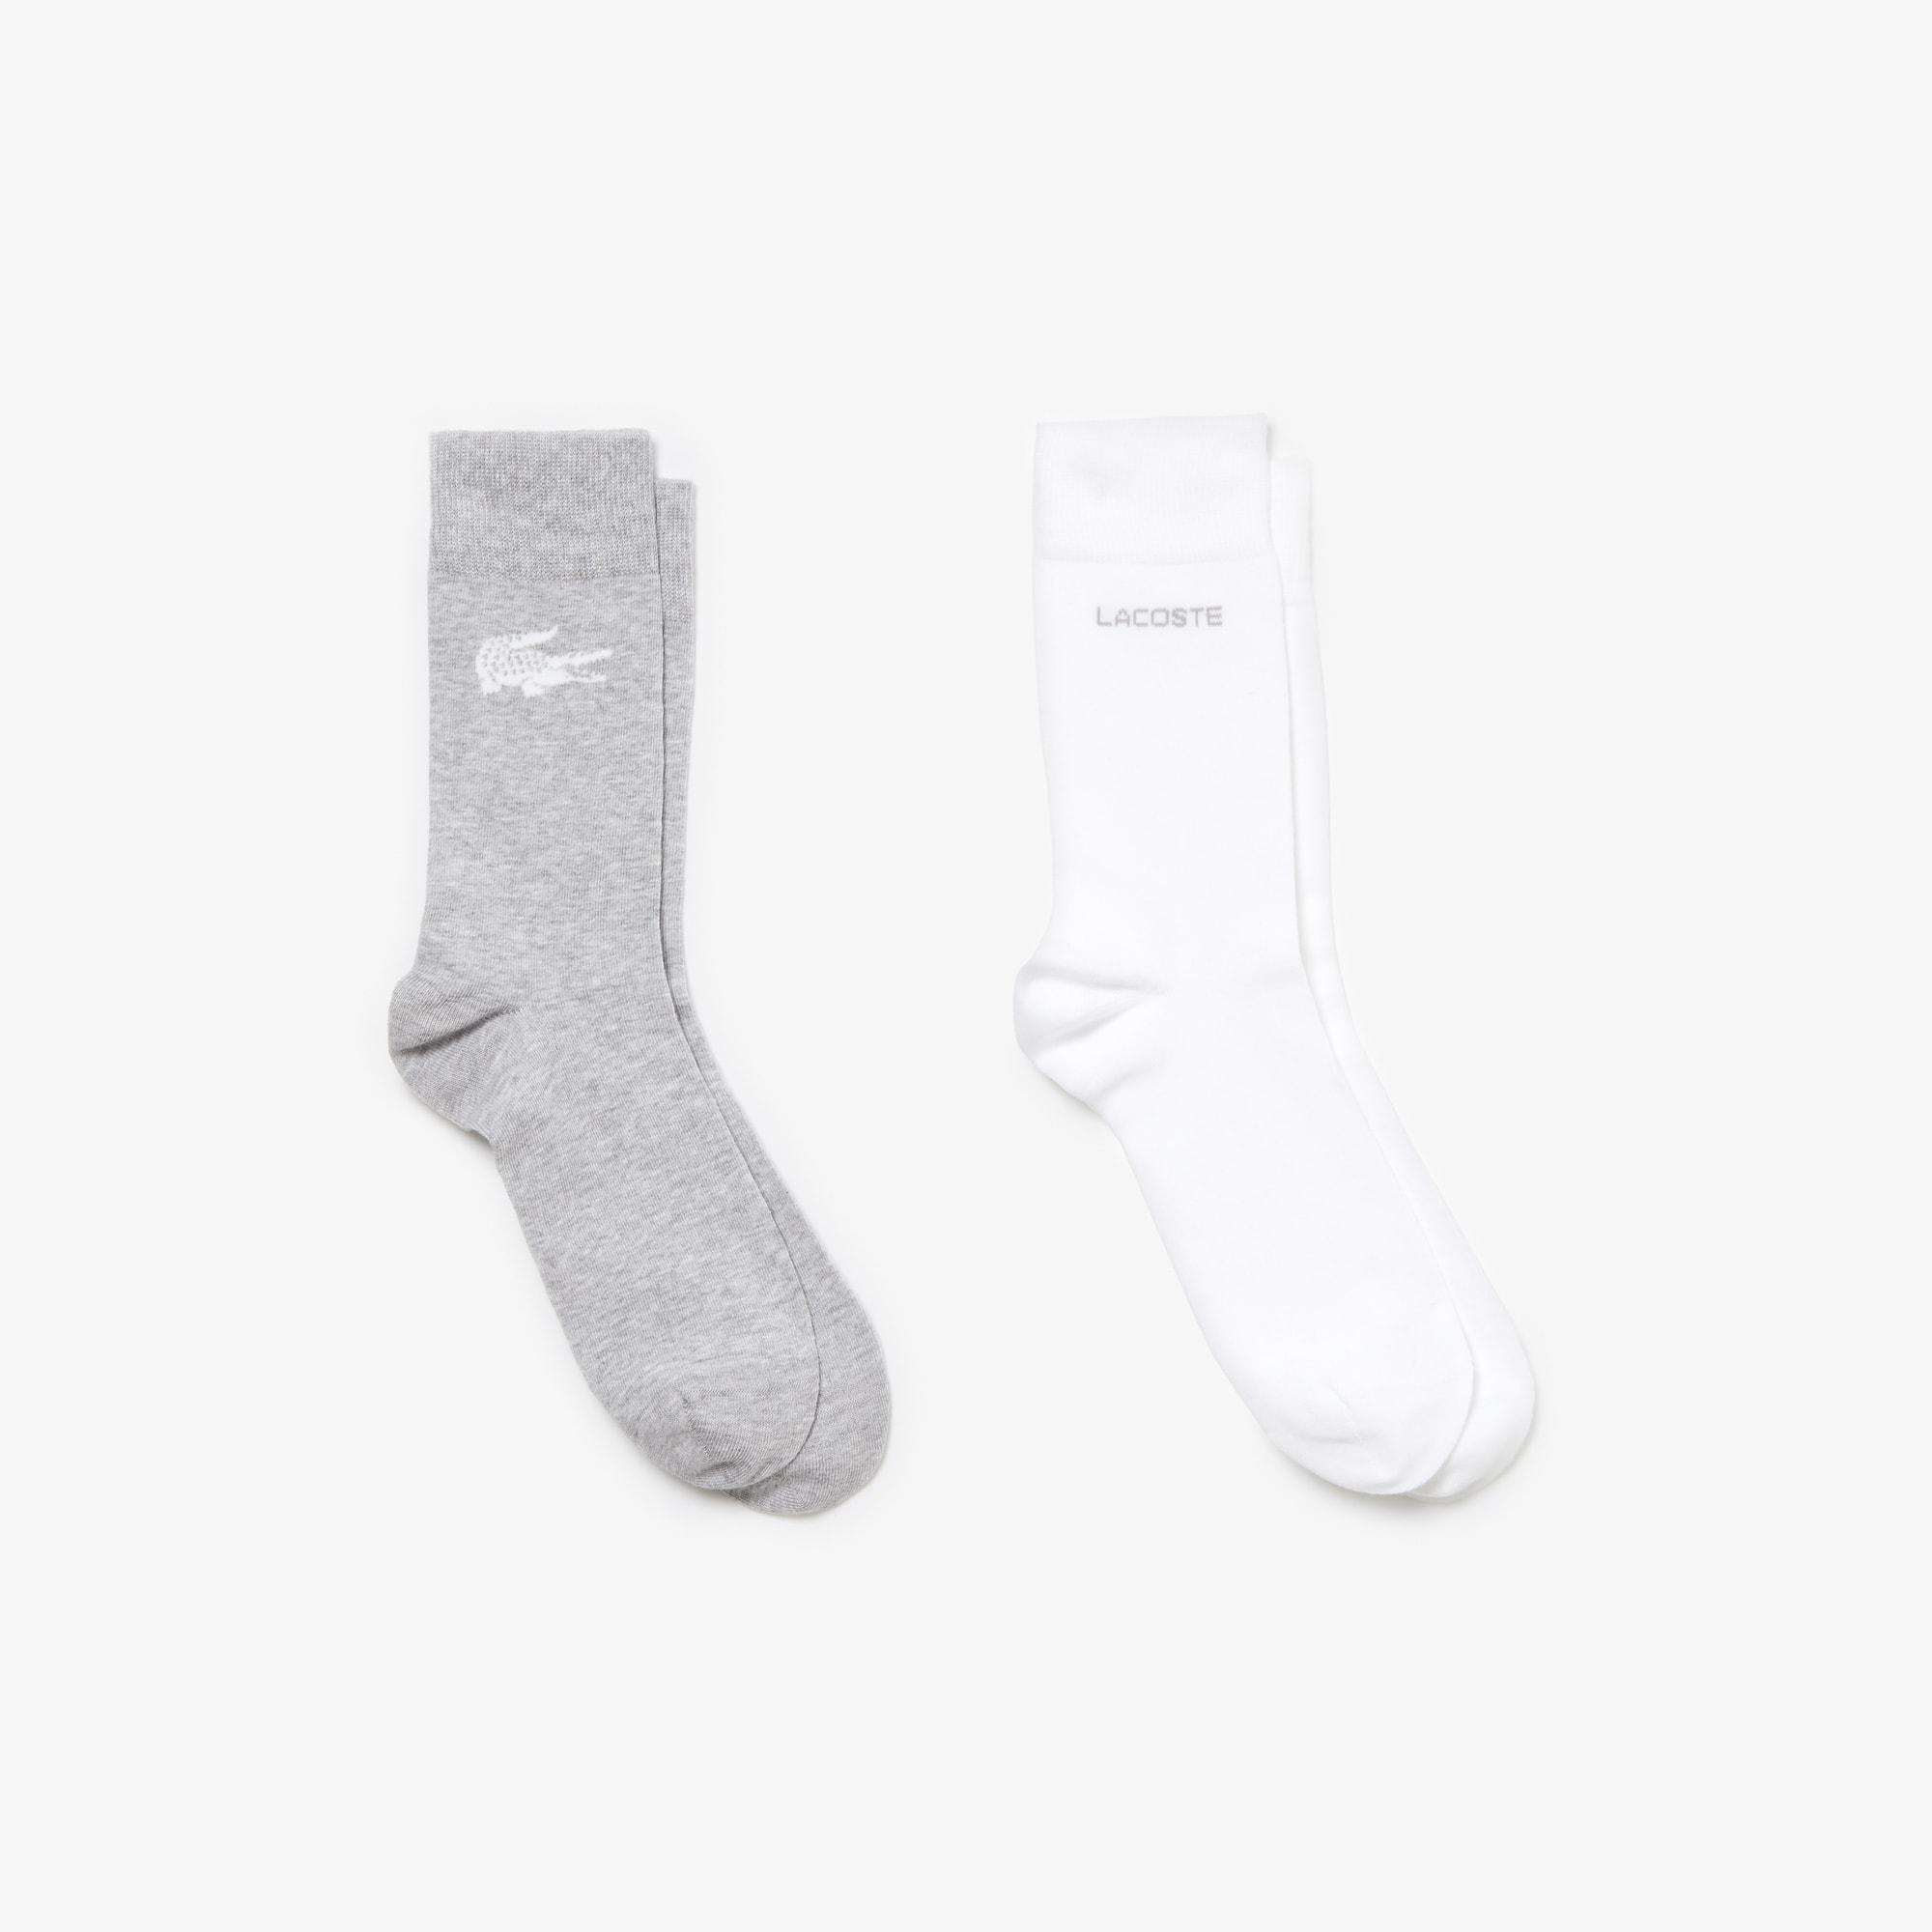 Paquete de dos pares de calcetines de hombre en tejido de punto estampado